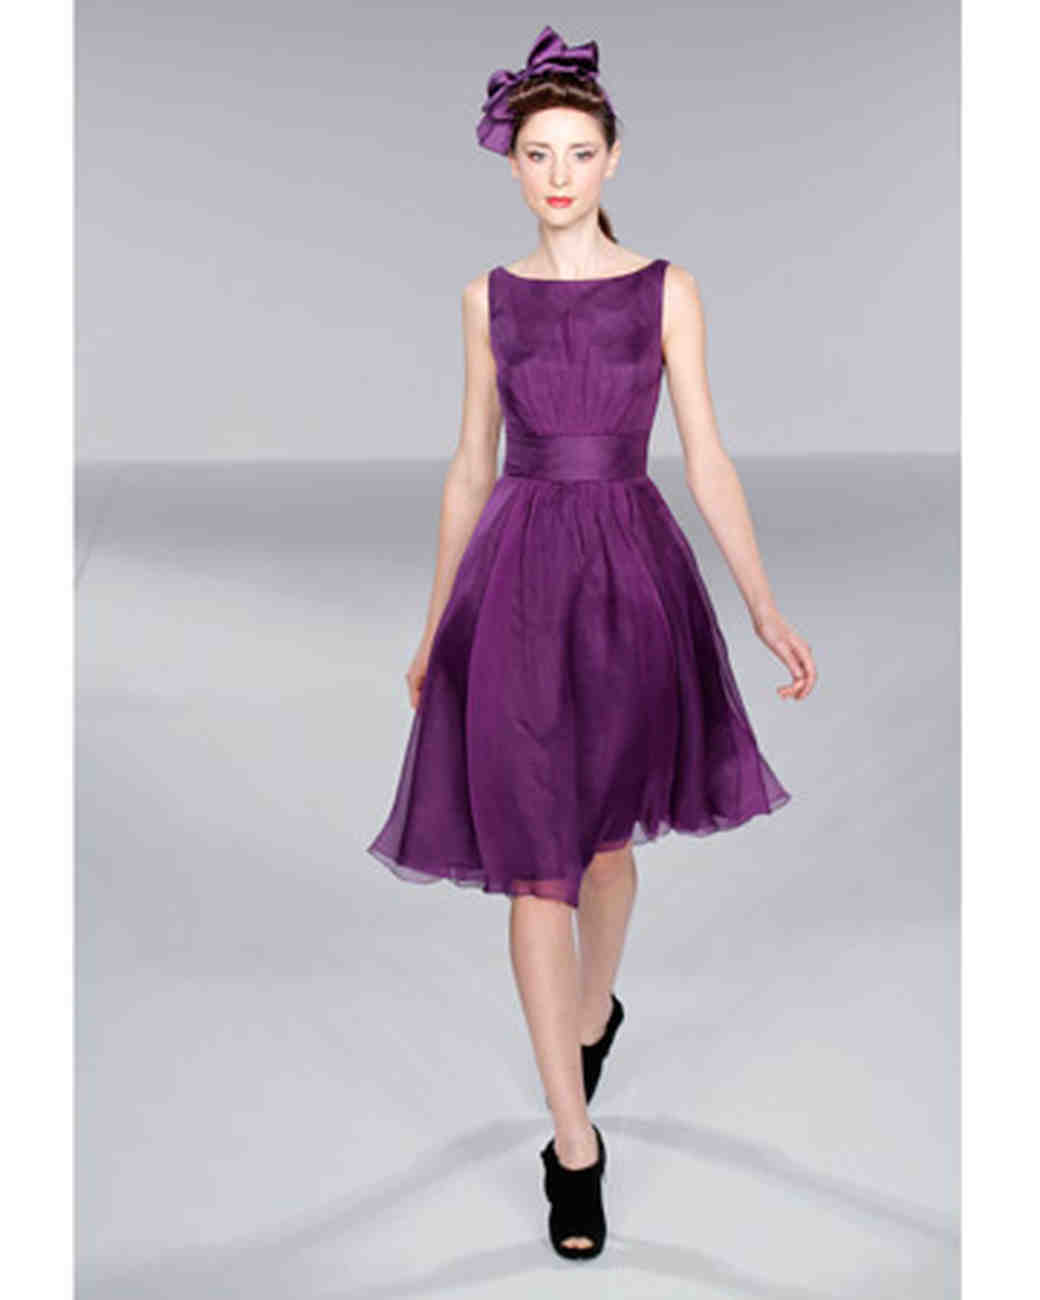 Lavender Wedding Bridesmaid Dresses – Fashion dresses